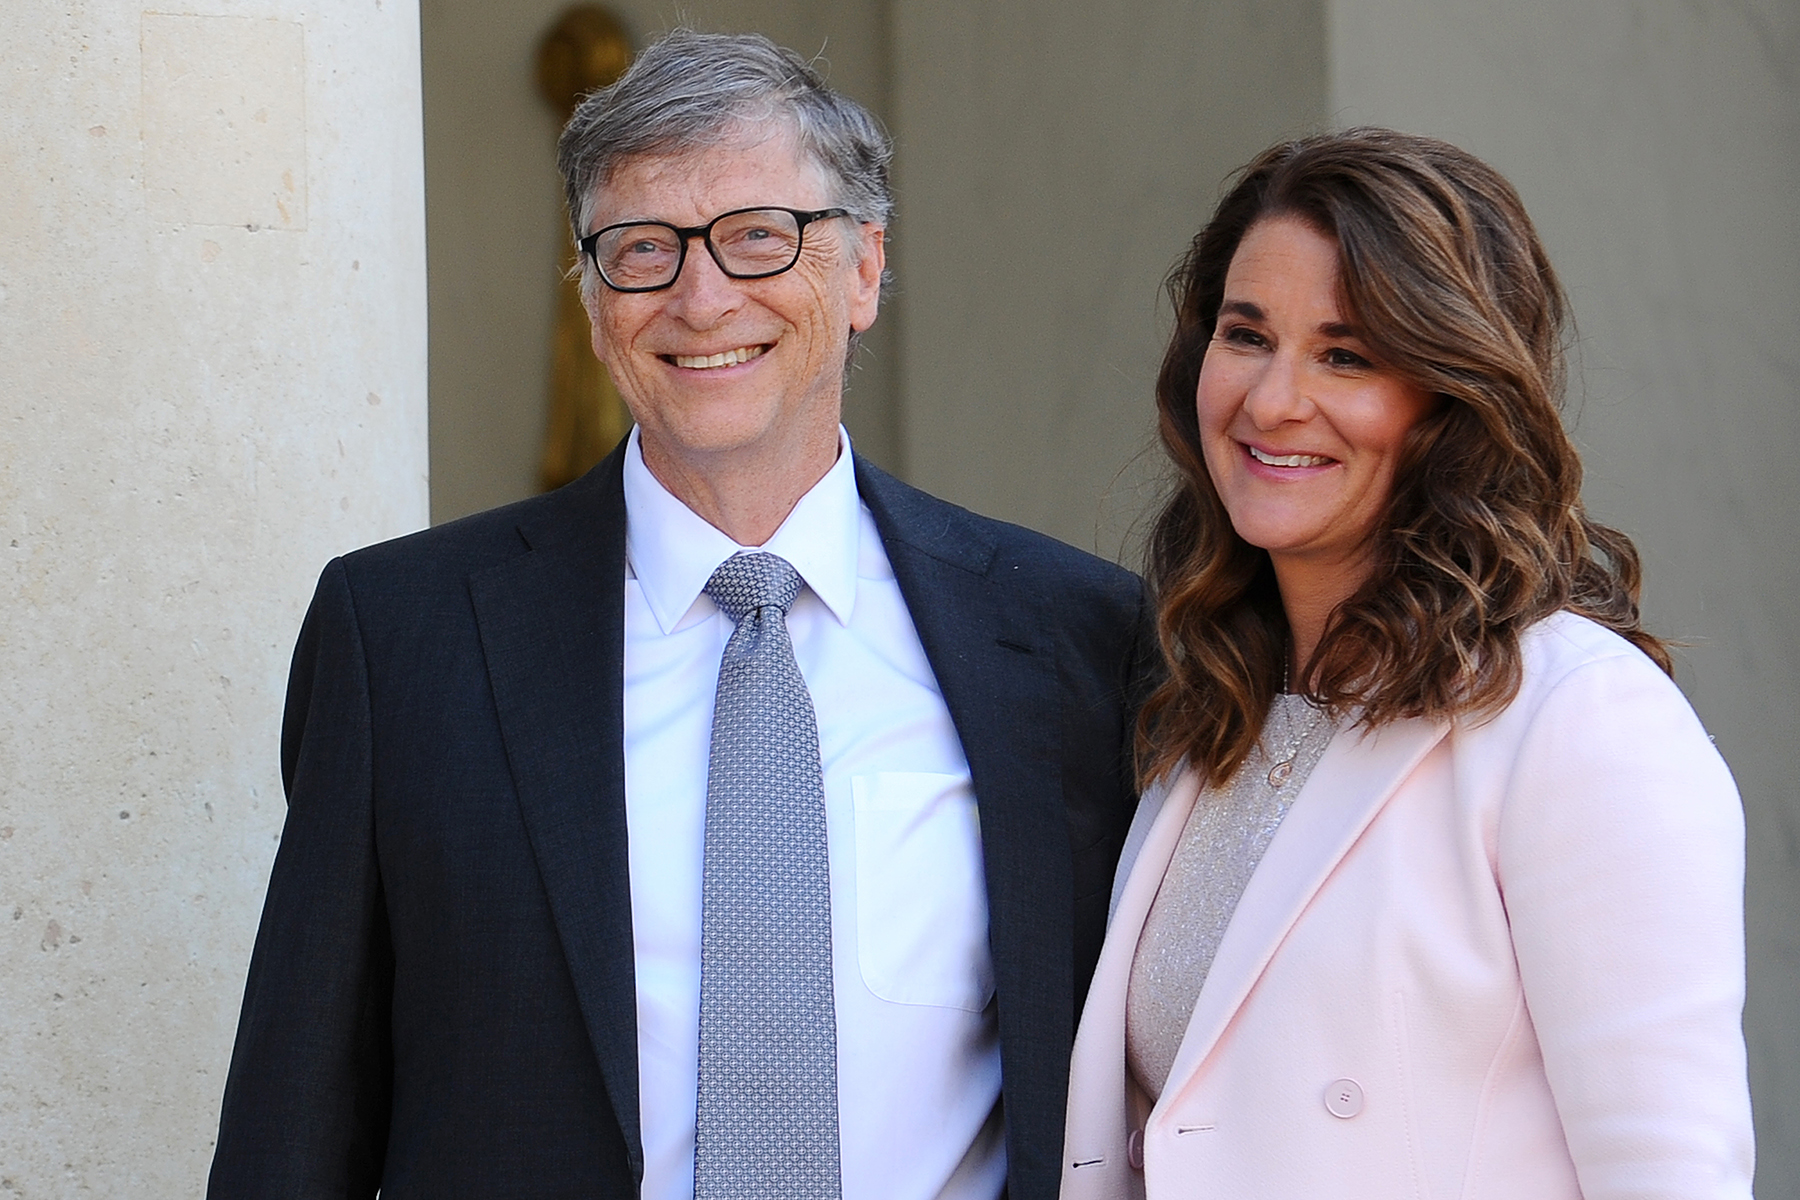 Bill és Melinda Gates bejelentették, hogy elválnak: 27 évig voltak házasok